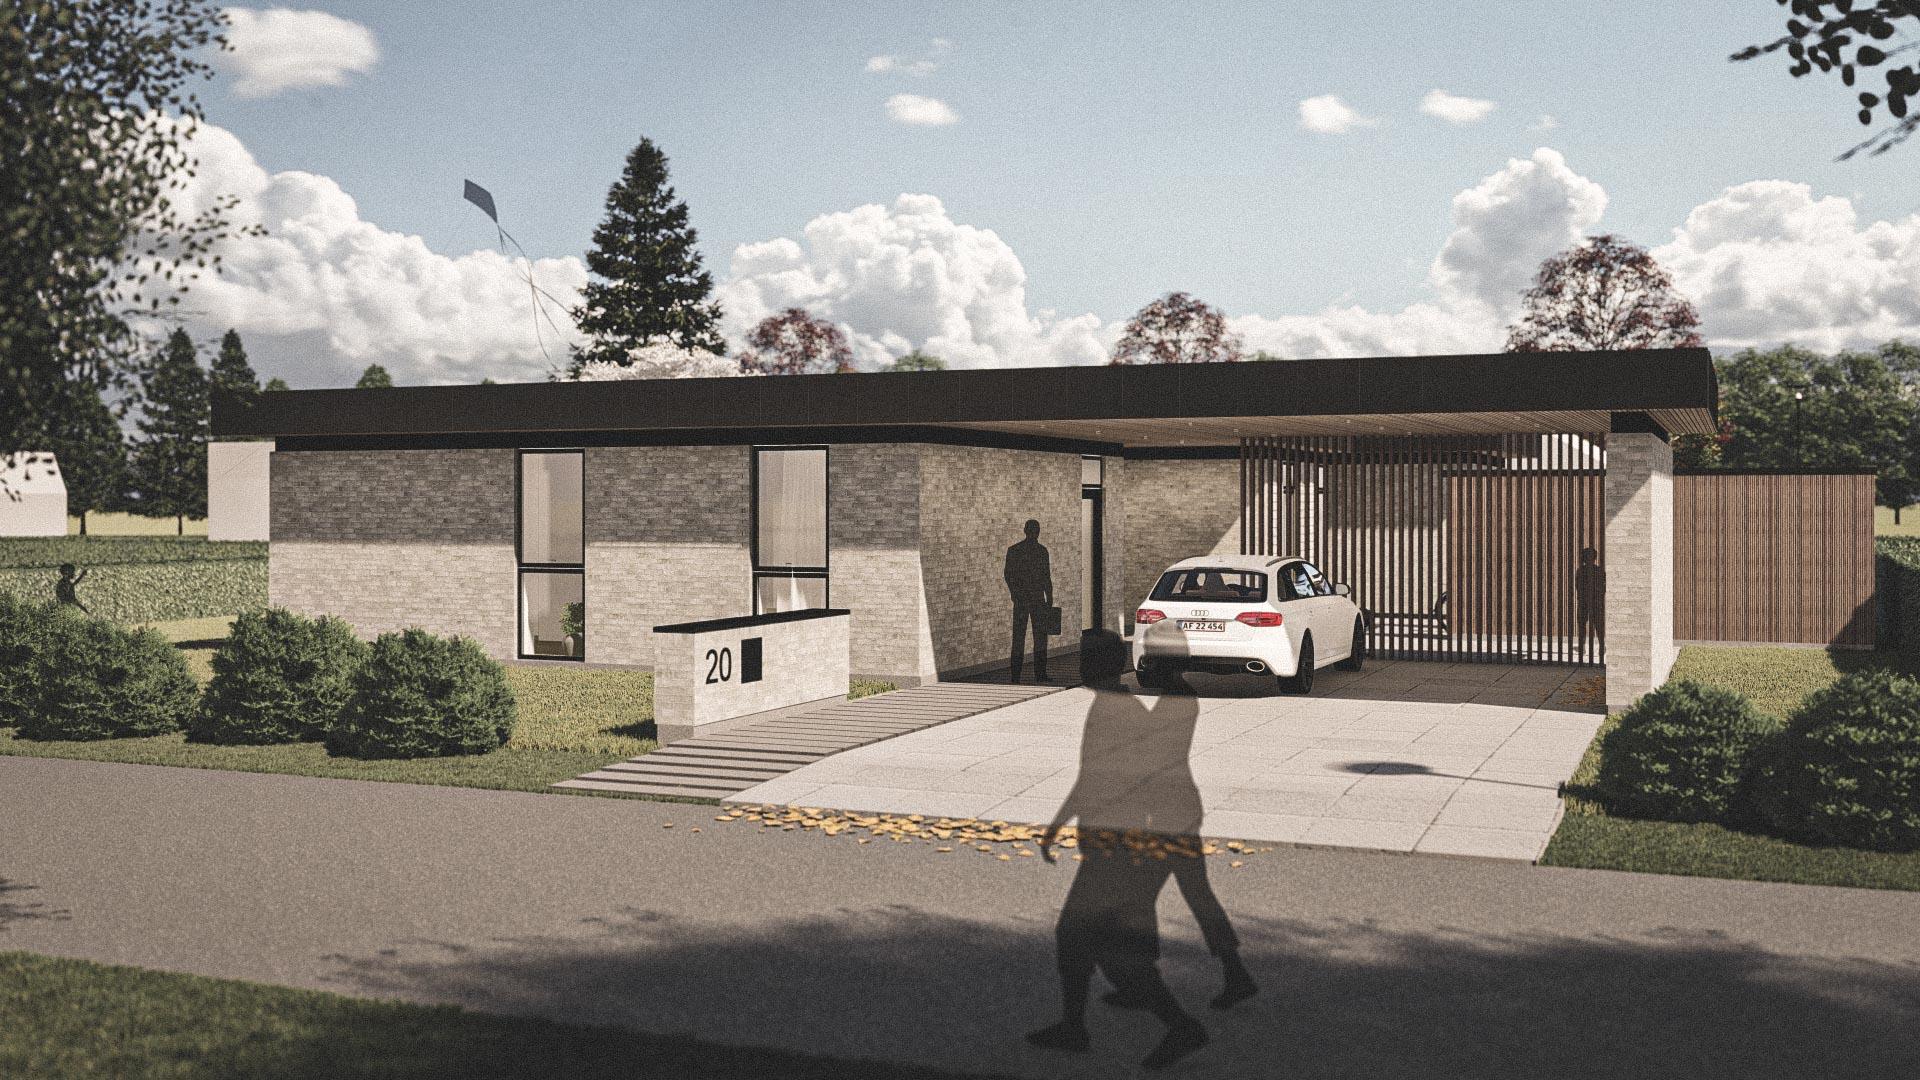 Billede af et arkitekt tegnet projektforslag af ny 1plans drømme villa i Viborg, af det danske arkitektfirma m2plus